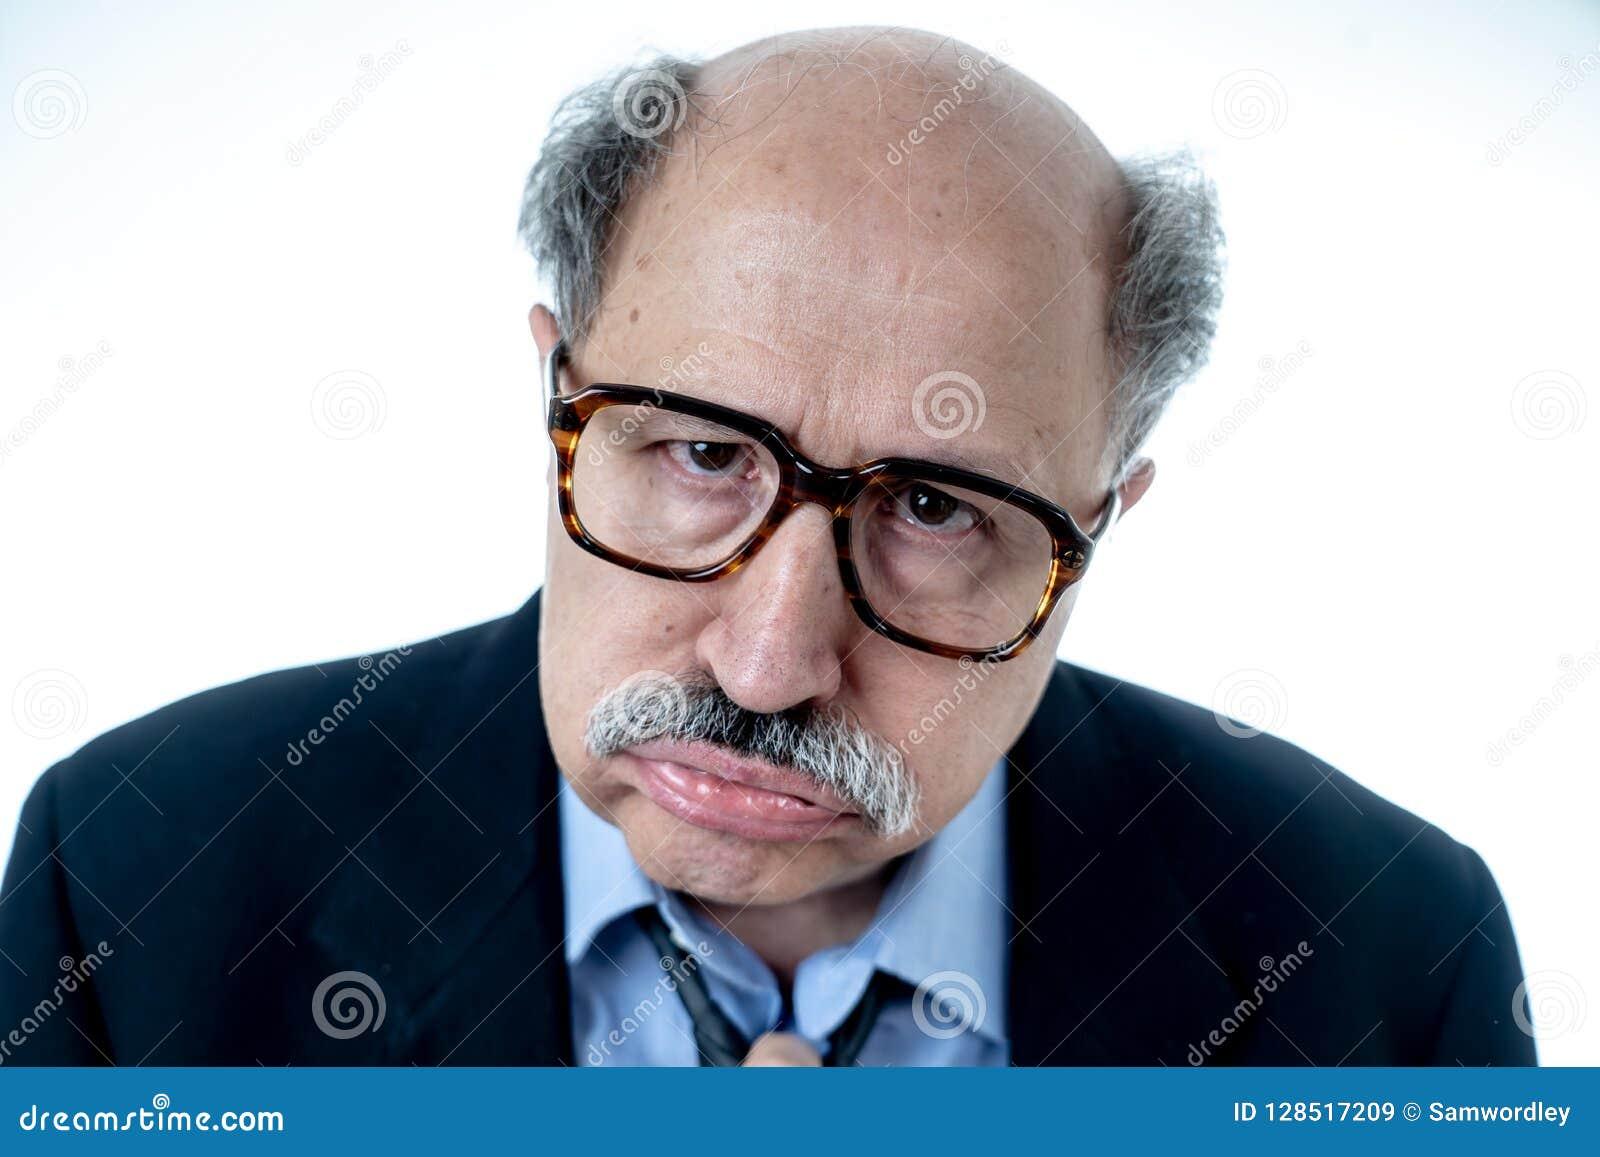 Retrato del hombre de negocios mayor cansado y borracho agotado